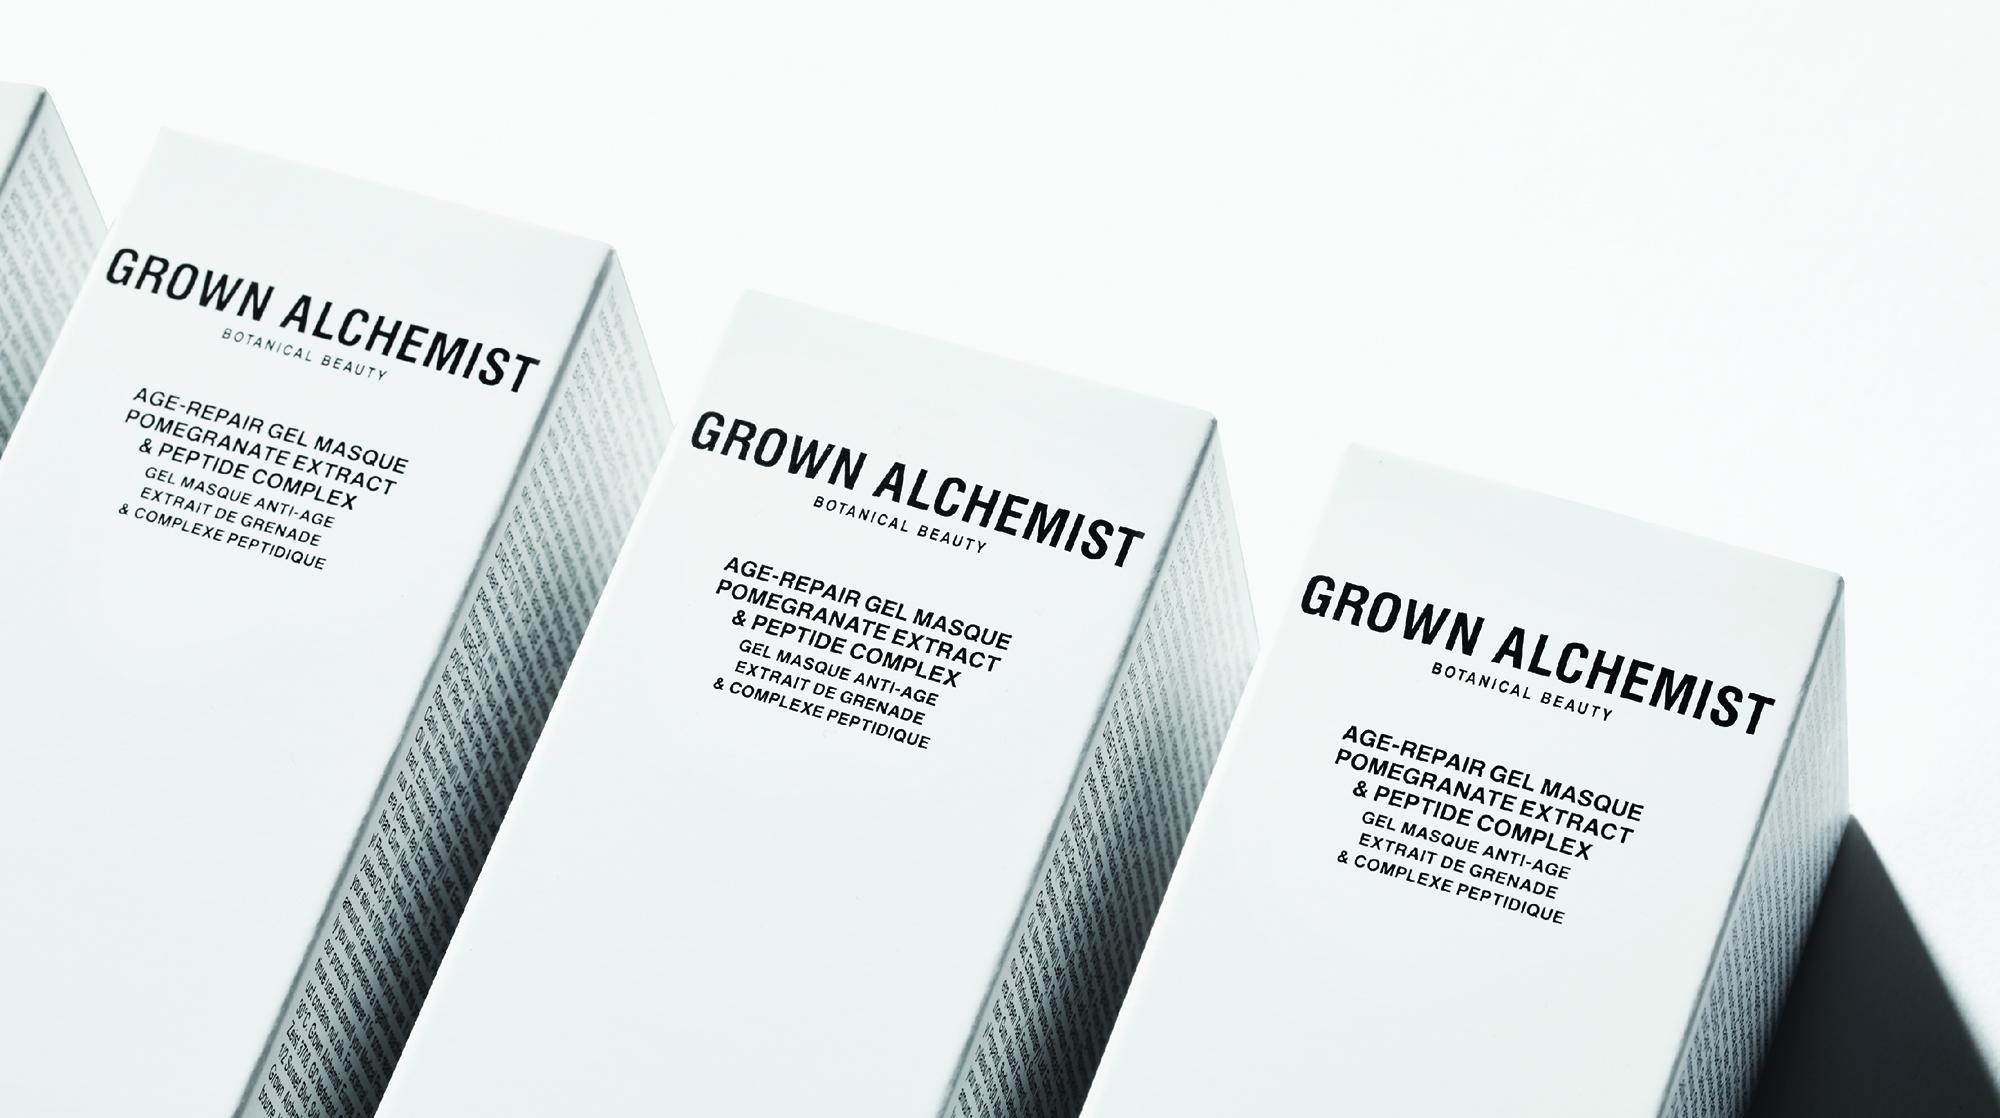 Grown Alchemist 2